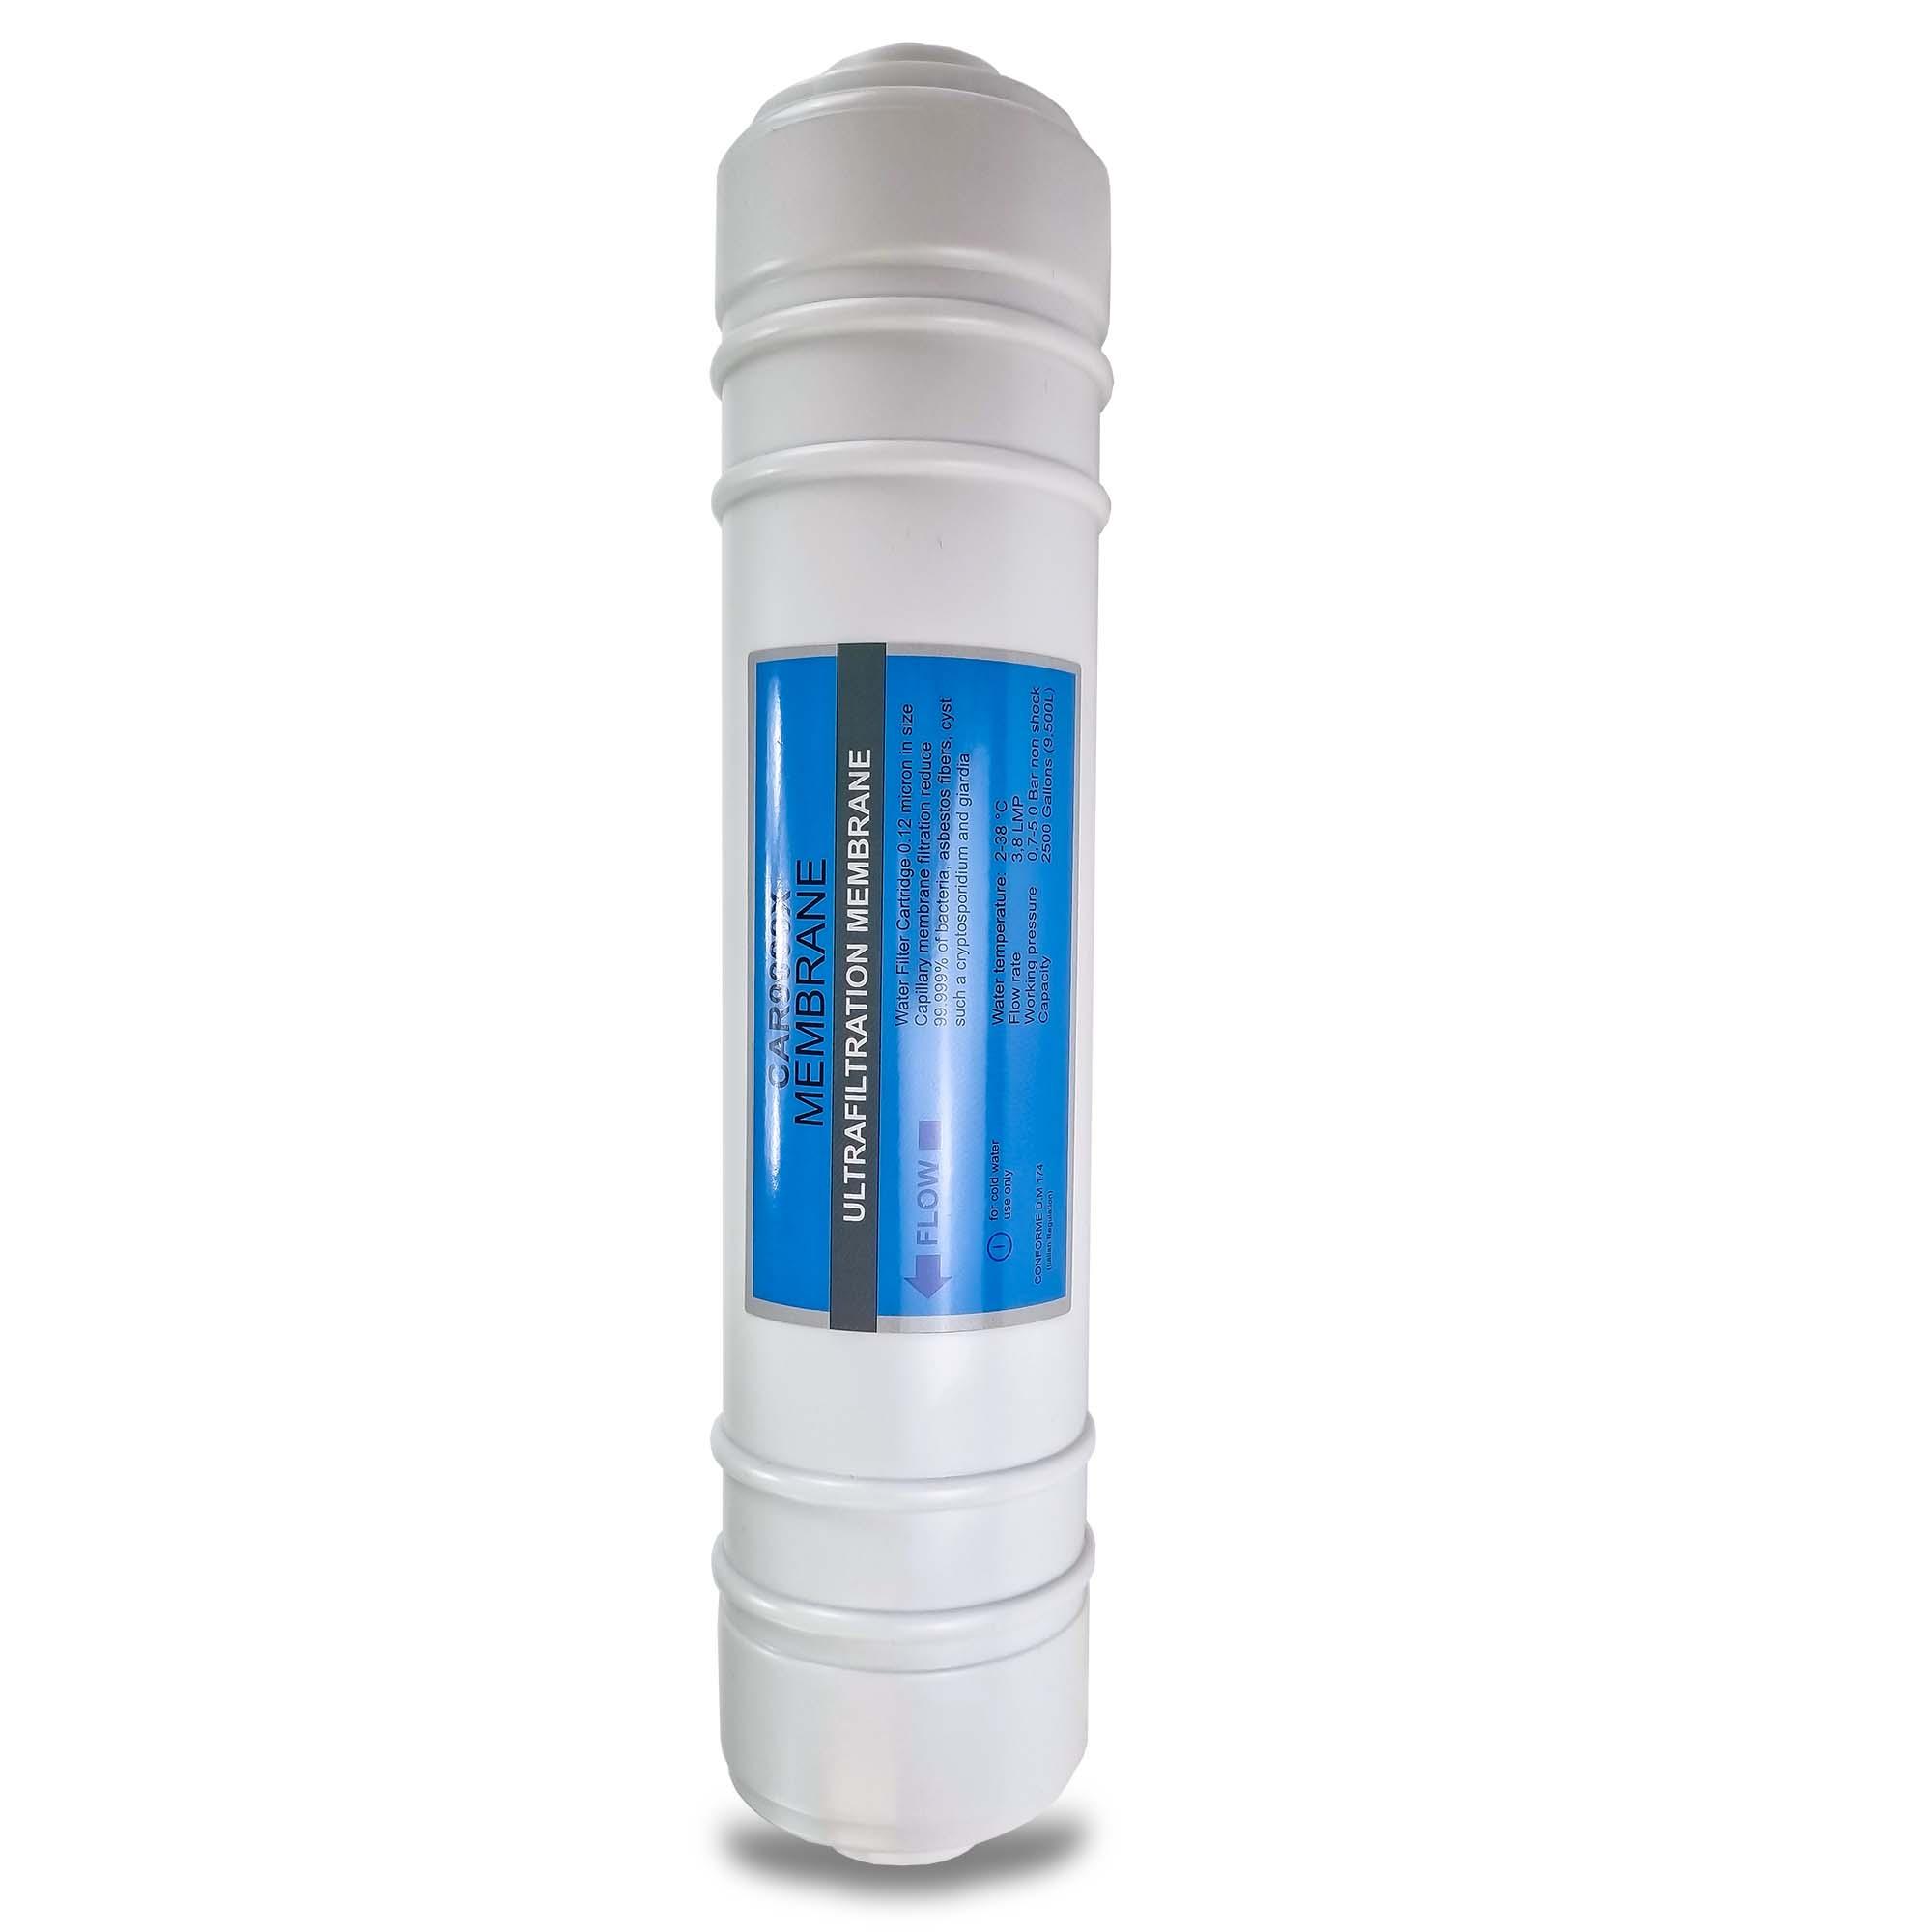 Ersatz Ultrafiltration Membrane für Umkehrosmose-Trinkwassersystem SPRUDELUX SENNA